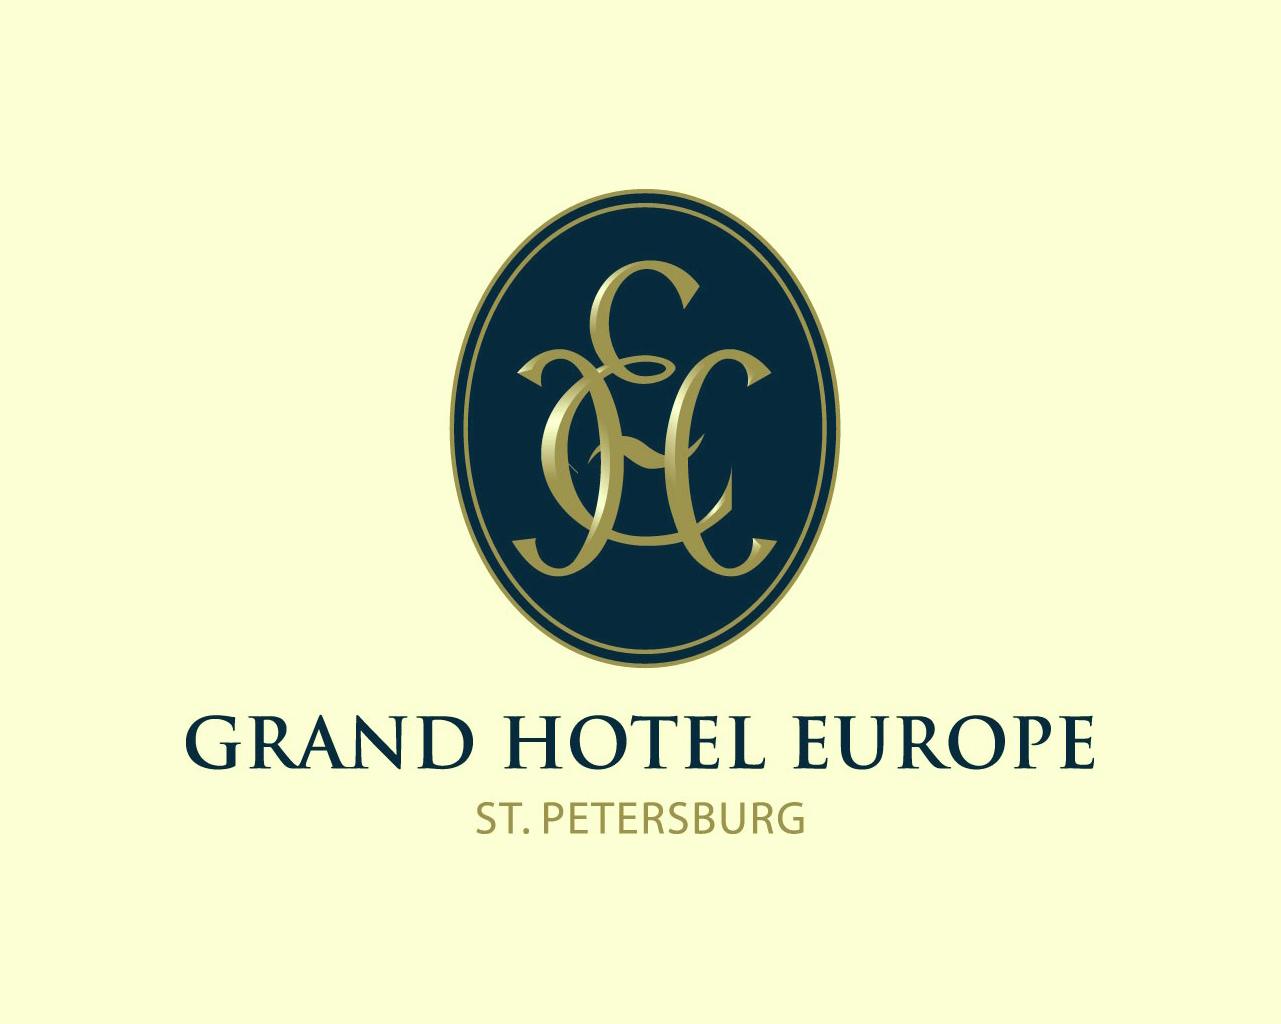 Opiniones de Expertos de Hoteles en Europa